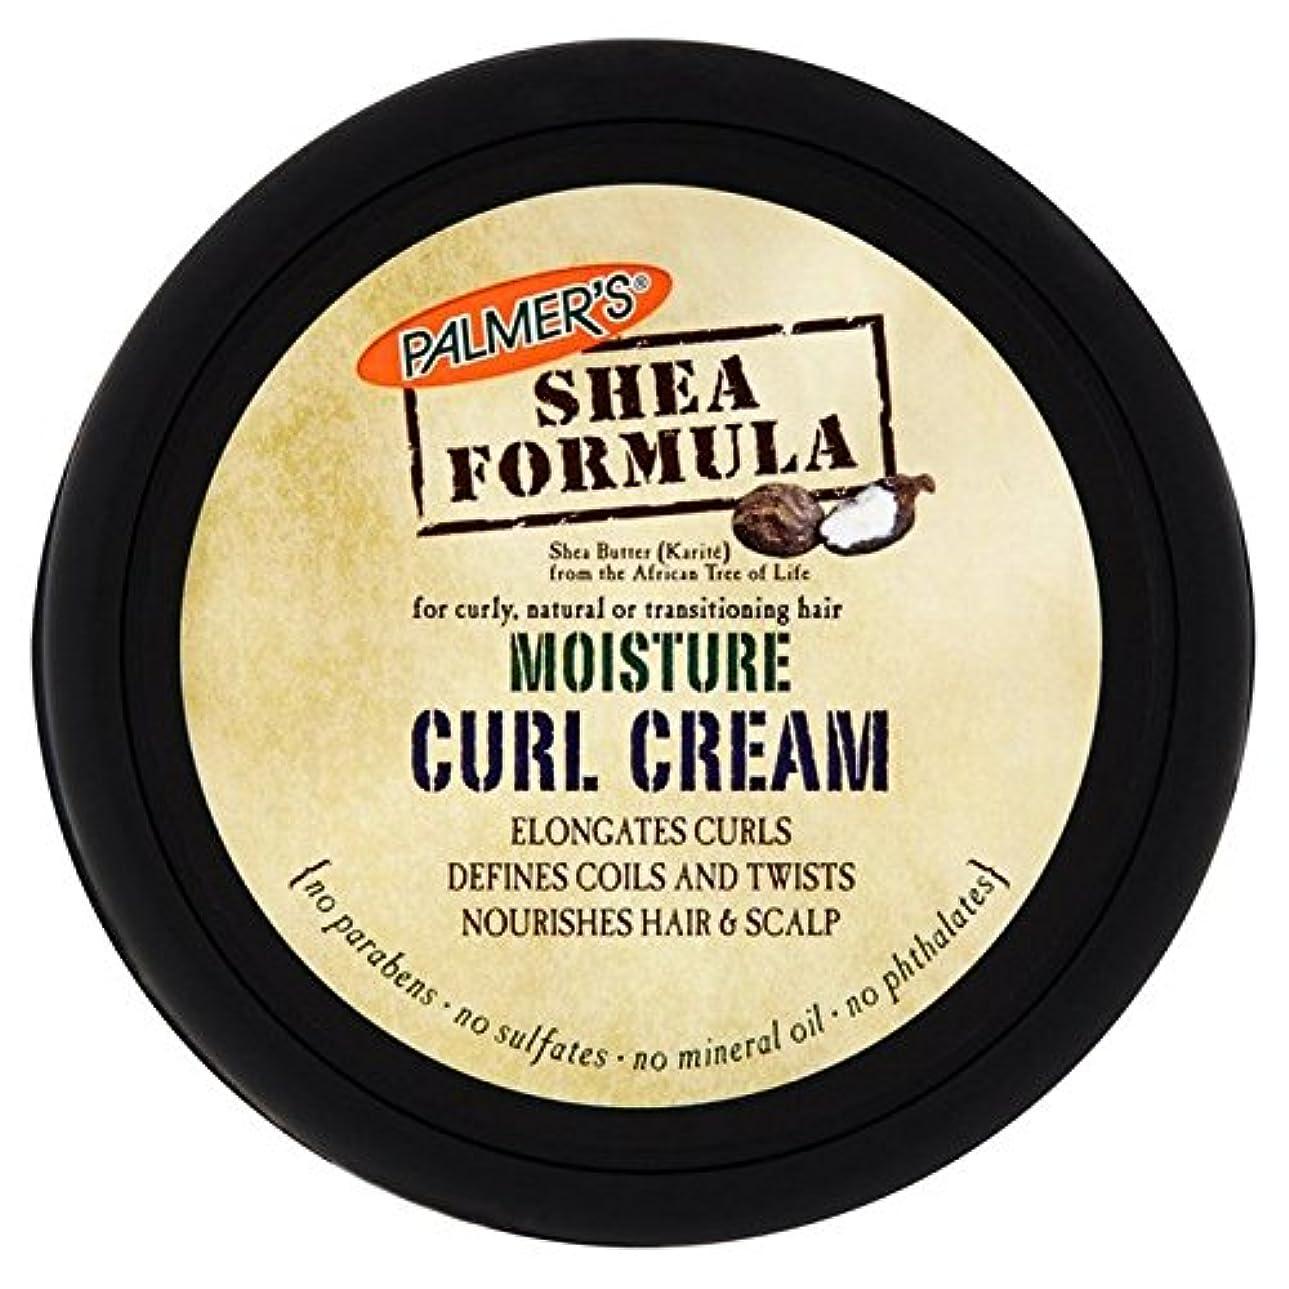 コードシンジケート物質パーマーのシア式水分カールクリーム237ミリリットル x2 - Palmer's Shea Formula Moisture Curl Cream 237ml (Pack of 2) [並行輸入品]